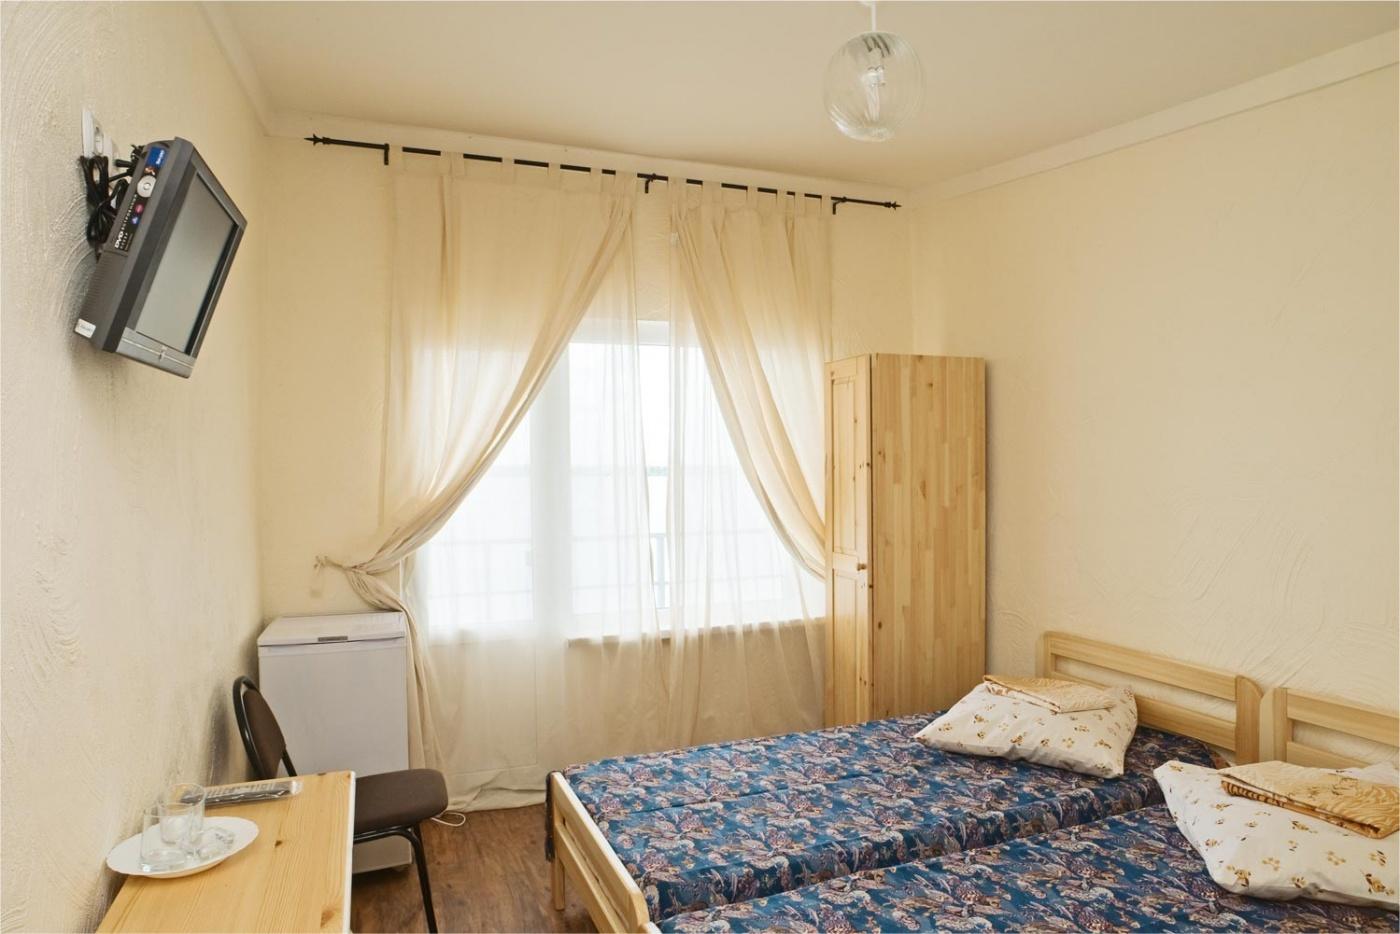 База отдыха «Подсолнух» Саратовская область 2-местный номер в Летнем корпусе (2 этаж), фото 2